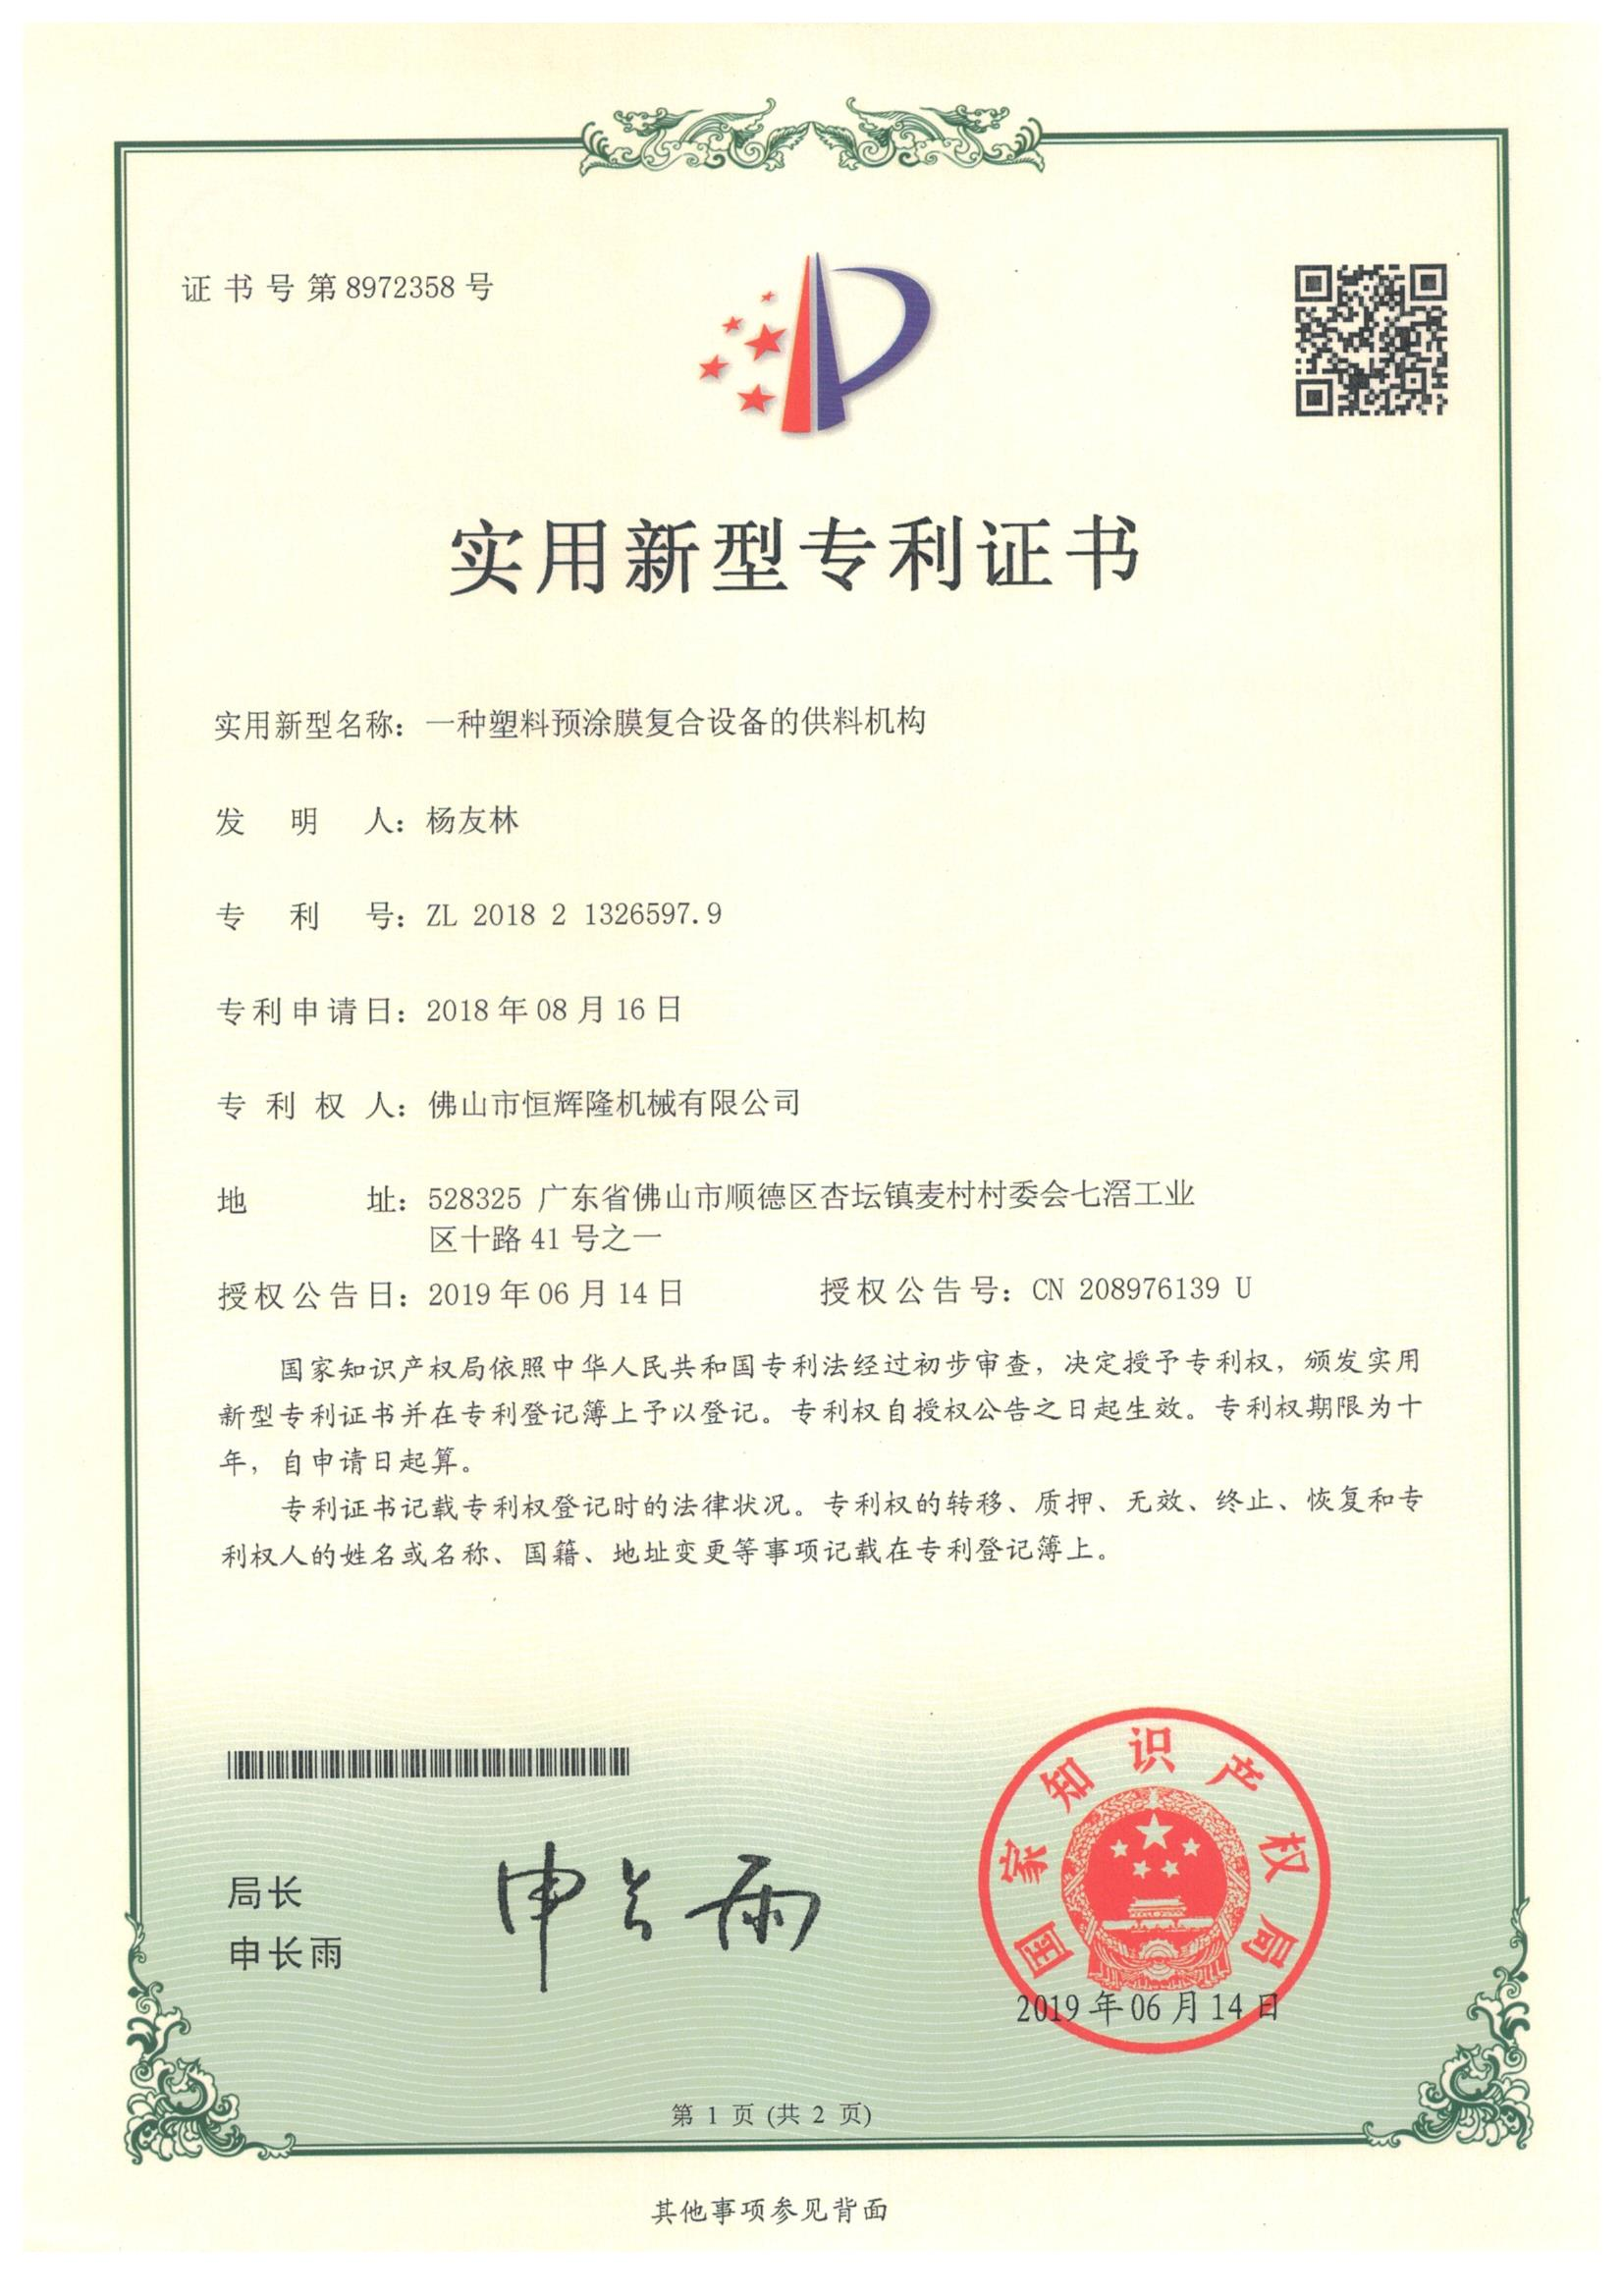 實用型專利 003